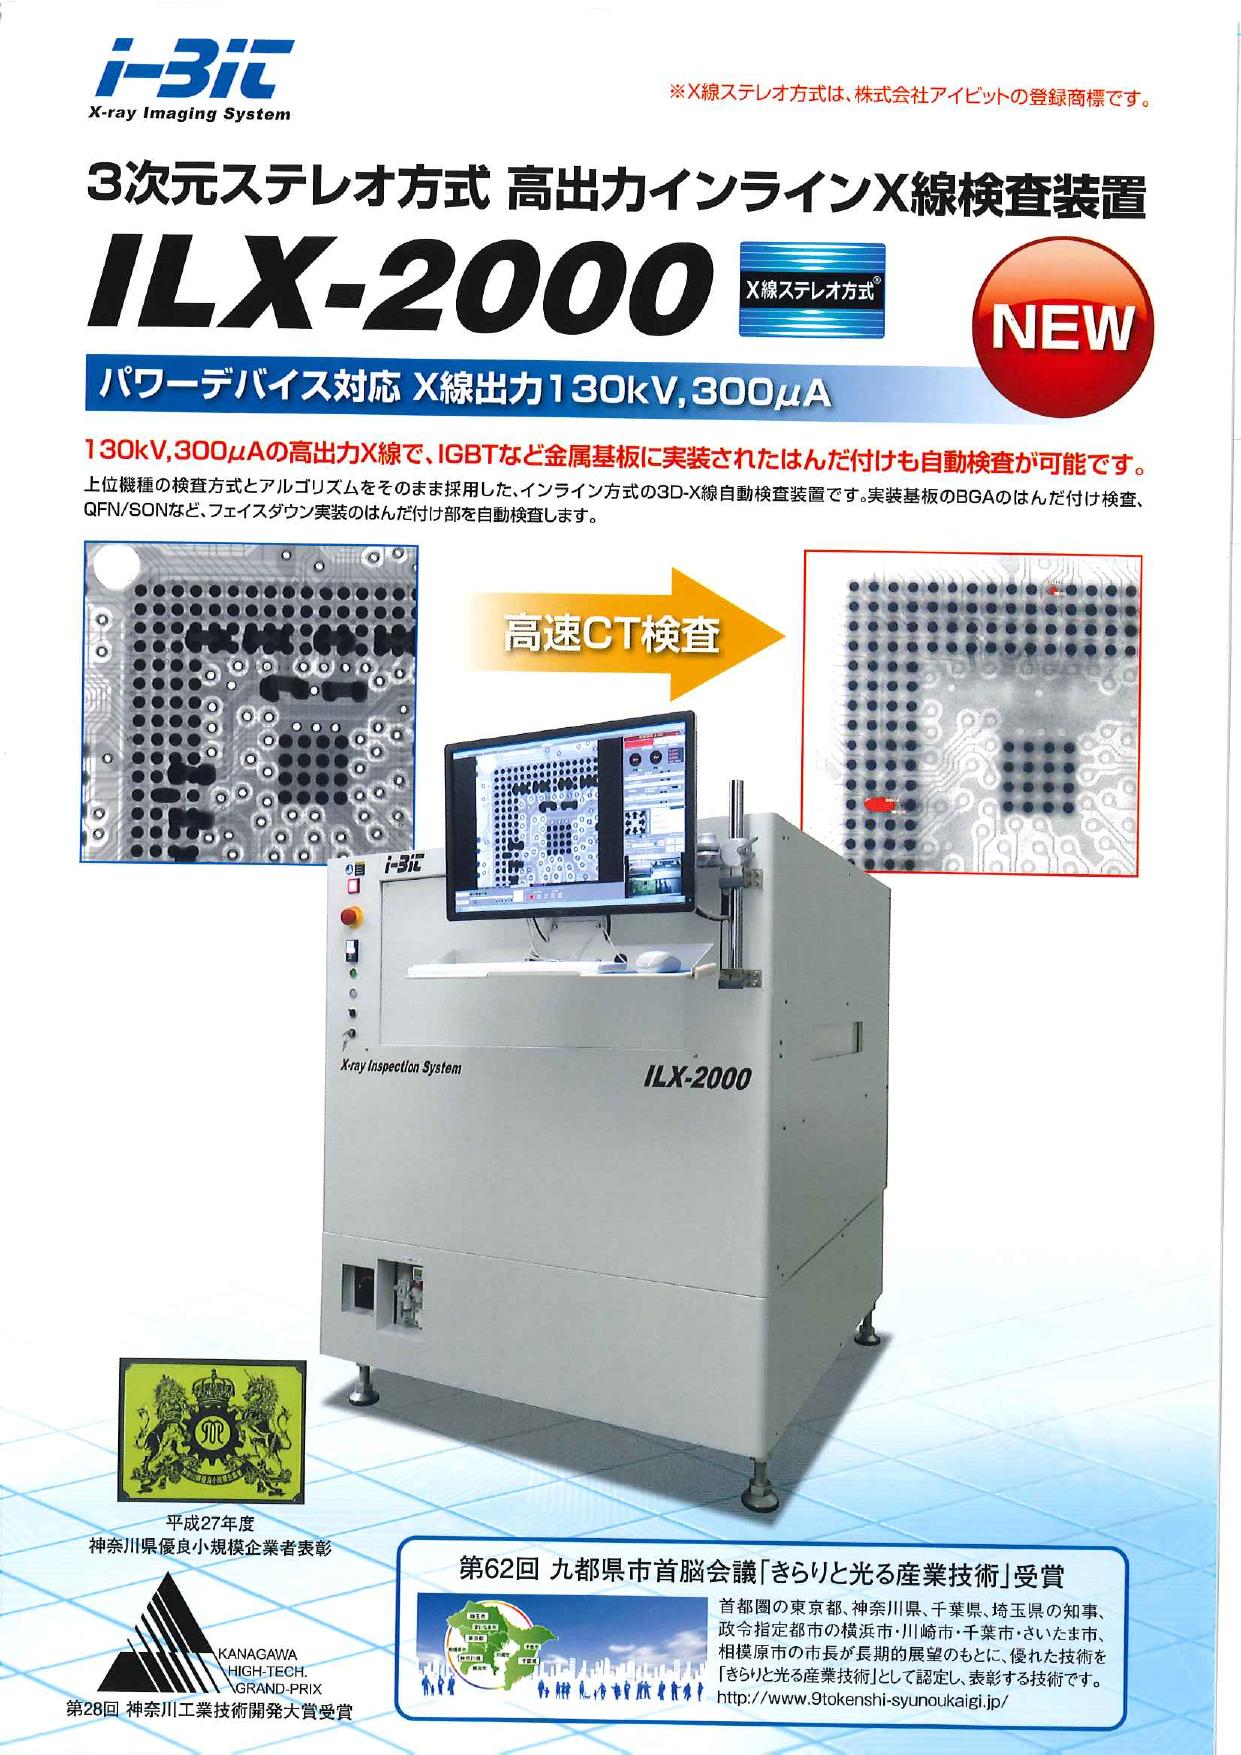 3次元ステレオ方式 高出力インラインX線検査装置 ILX-2000(株式会社アイビット)のカタログ無料ダウンロード|製造業向けカタログポータル Aperza Catalog(アペルザカタログ)                                                    3次元ステレオ方式 高出力インラインX線検査装置 ILX-2000